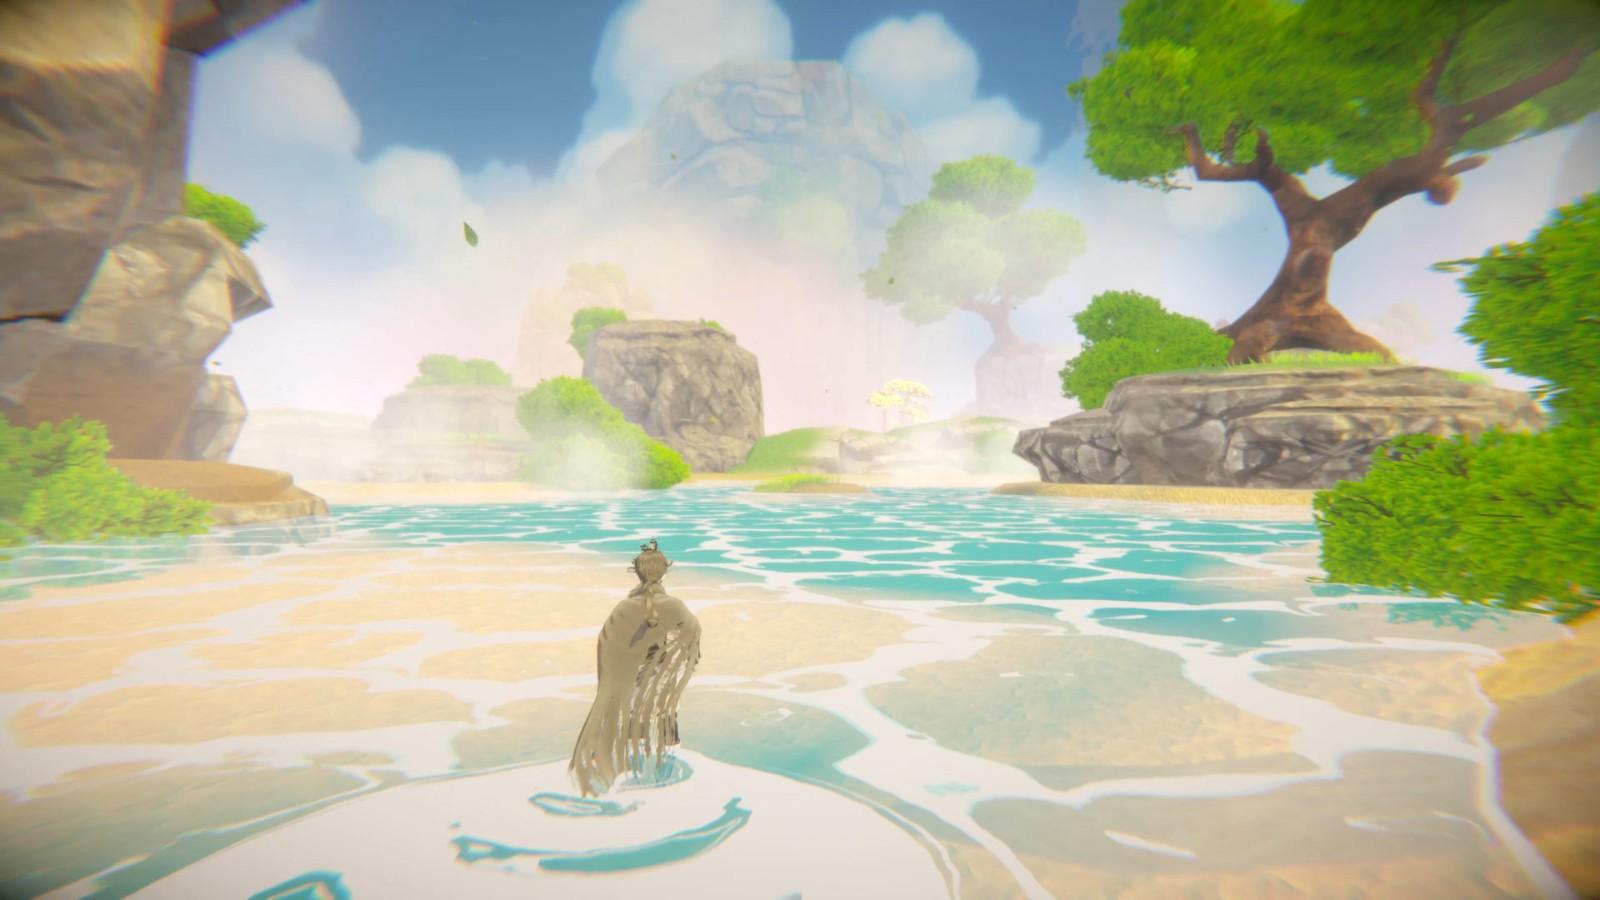 印尼高奇幻冒险游戏《Project Buramato》公布 2022年发售